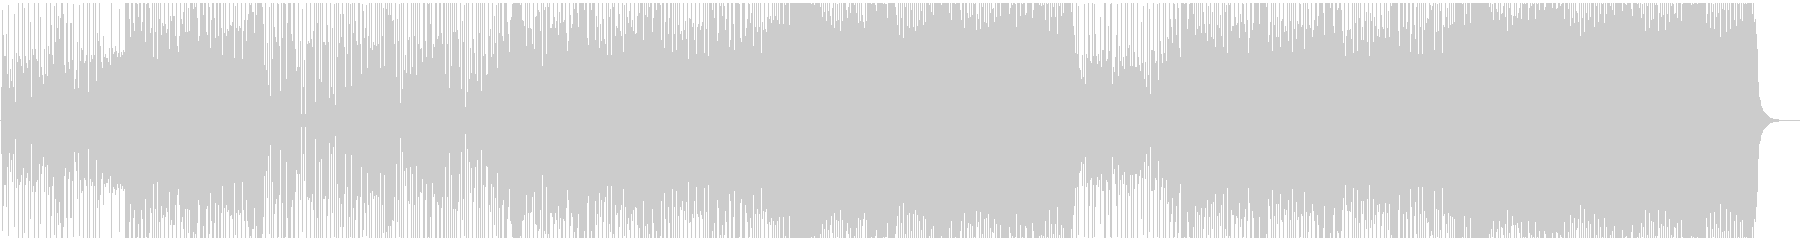 金属 燃焼 エレキギター ドラムキットの未再生の波形